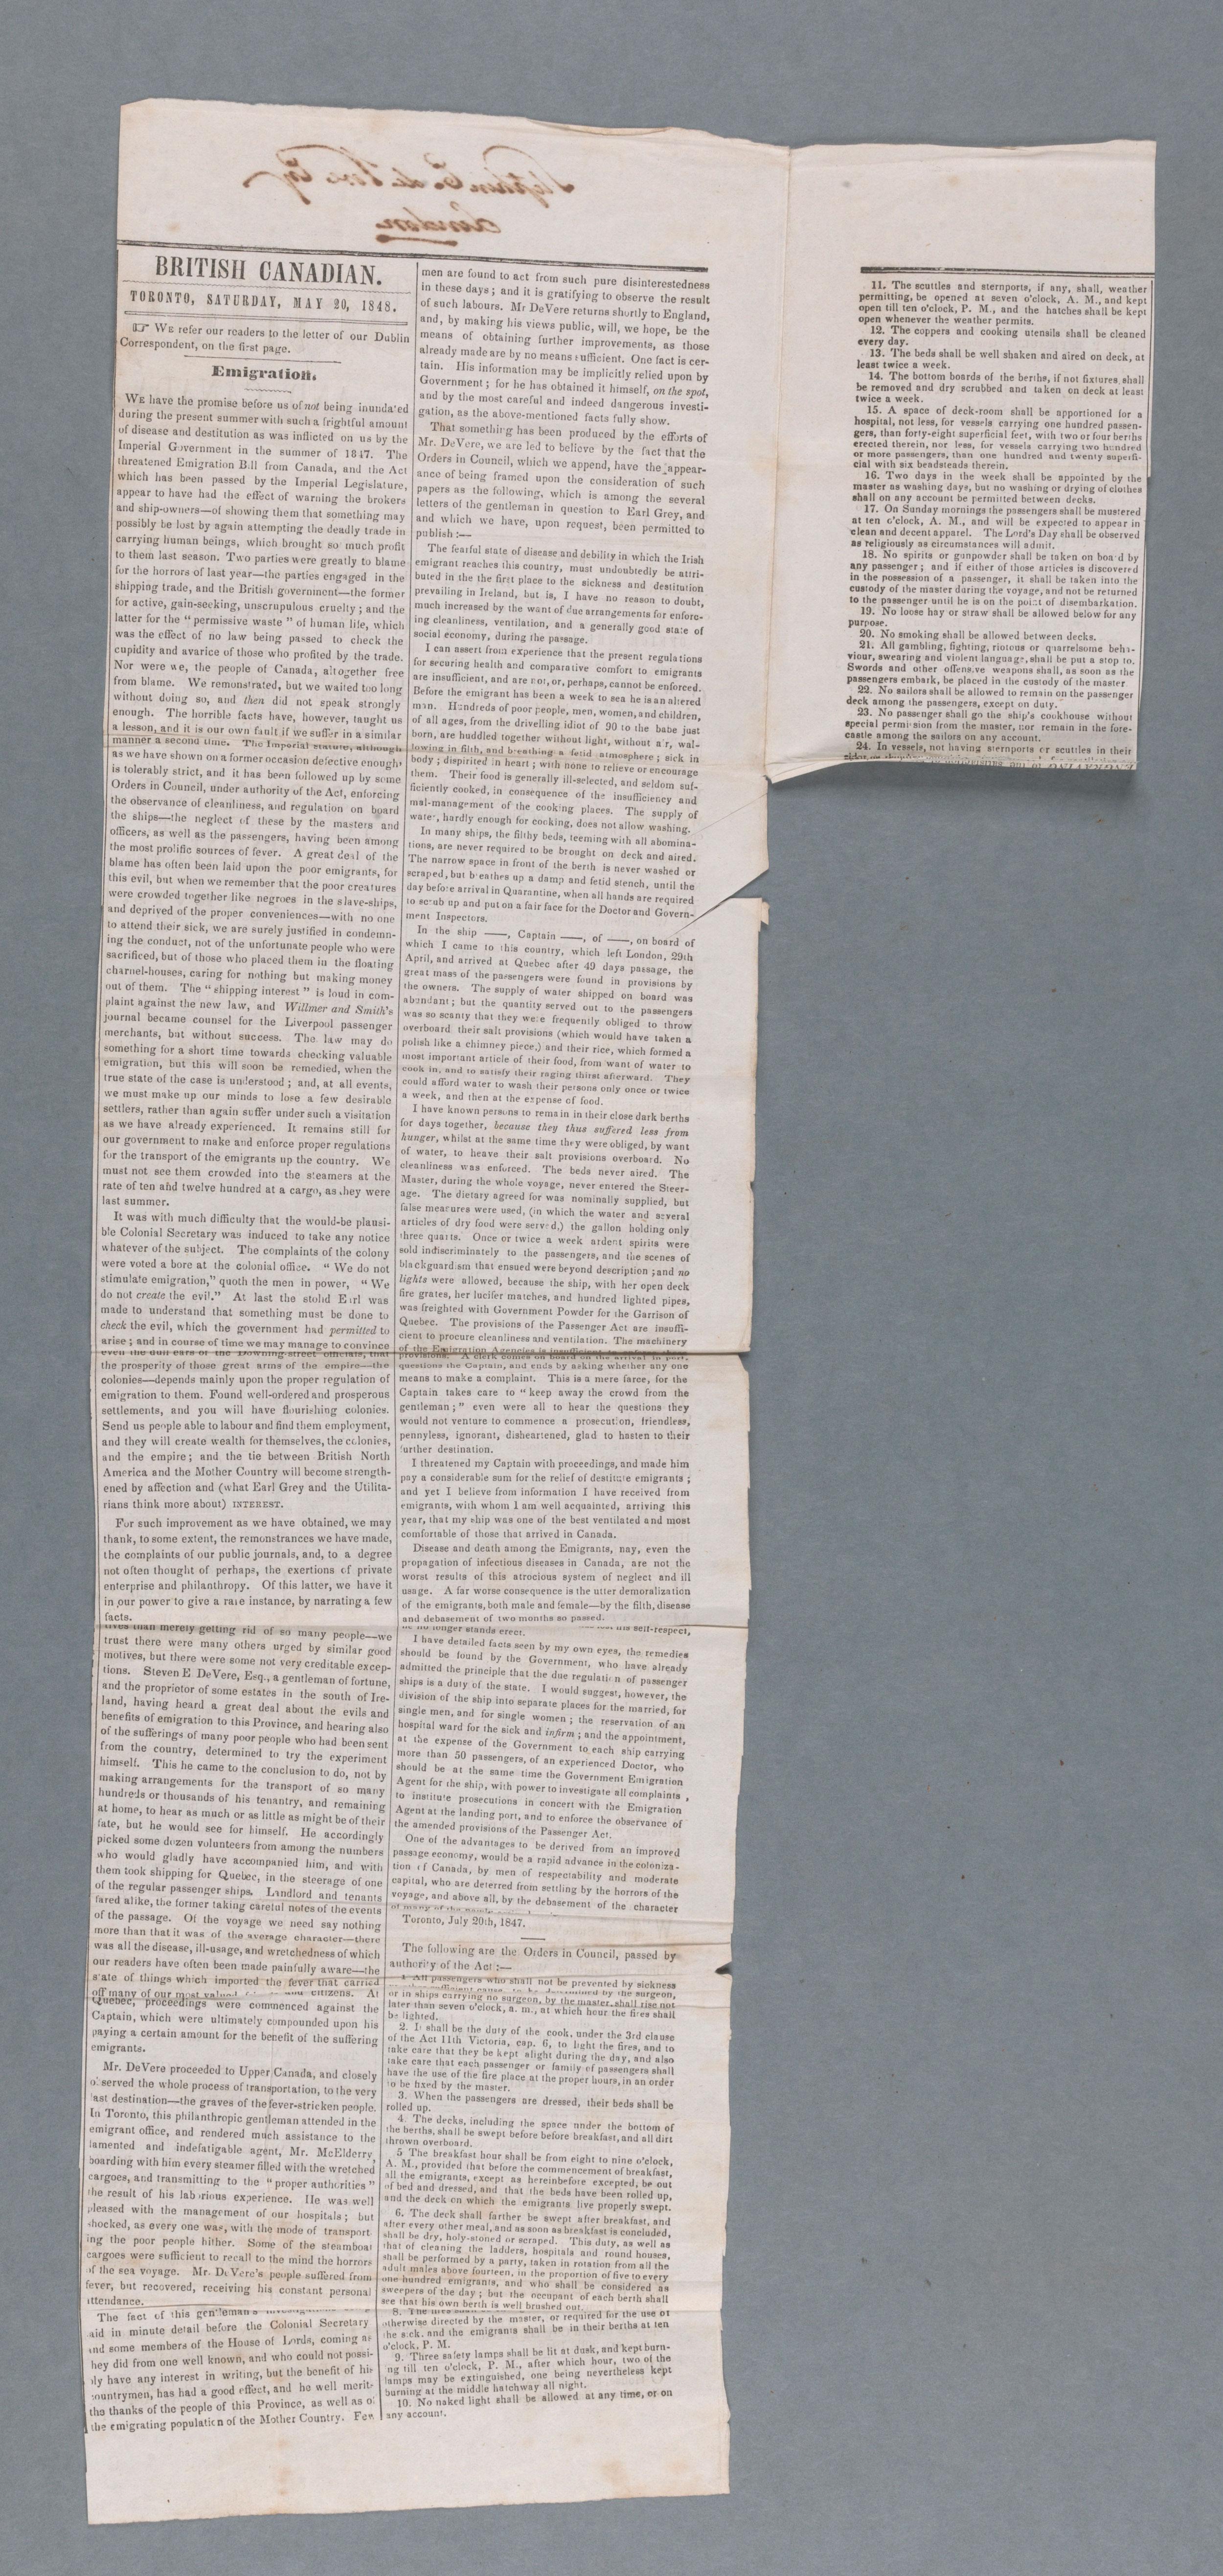 British Canadian, 20 mai 1848.